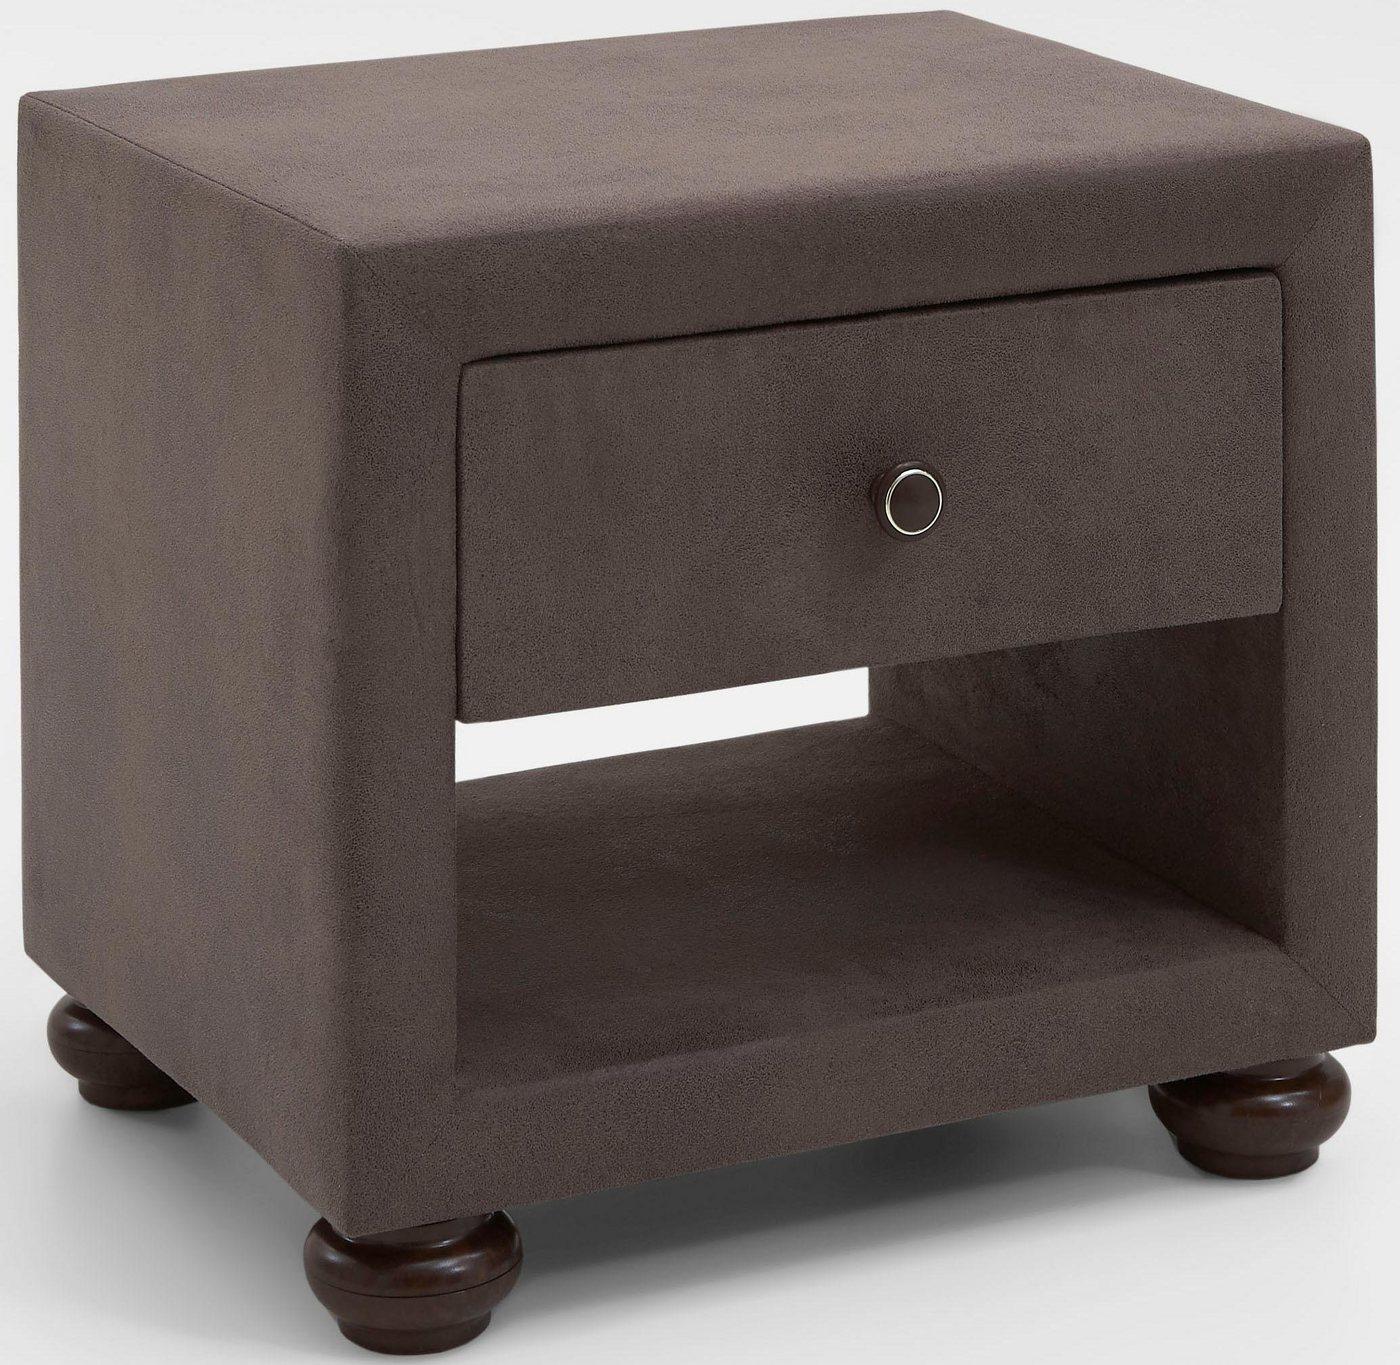 18 sparen home affaire nachttisch viola nur 89 99 cherry m bel otto. Black Bedroom Furniture Sets. Home Design Ideas